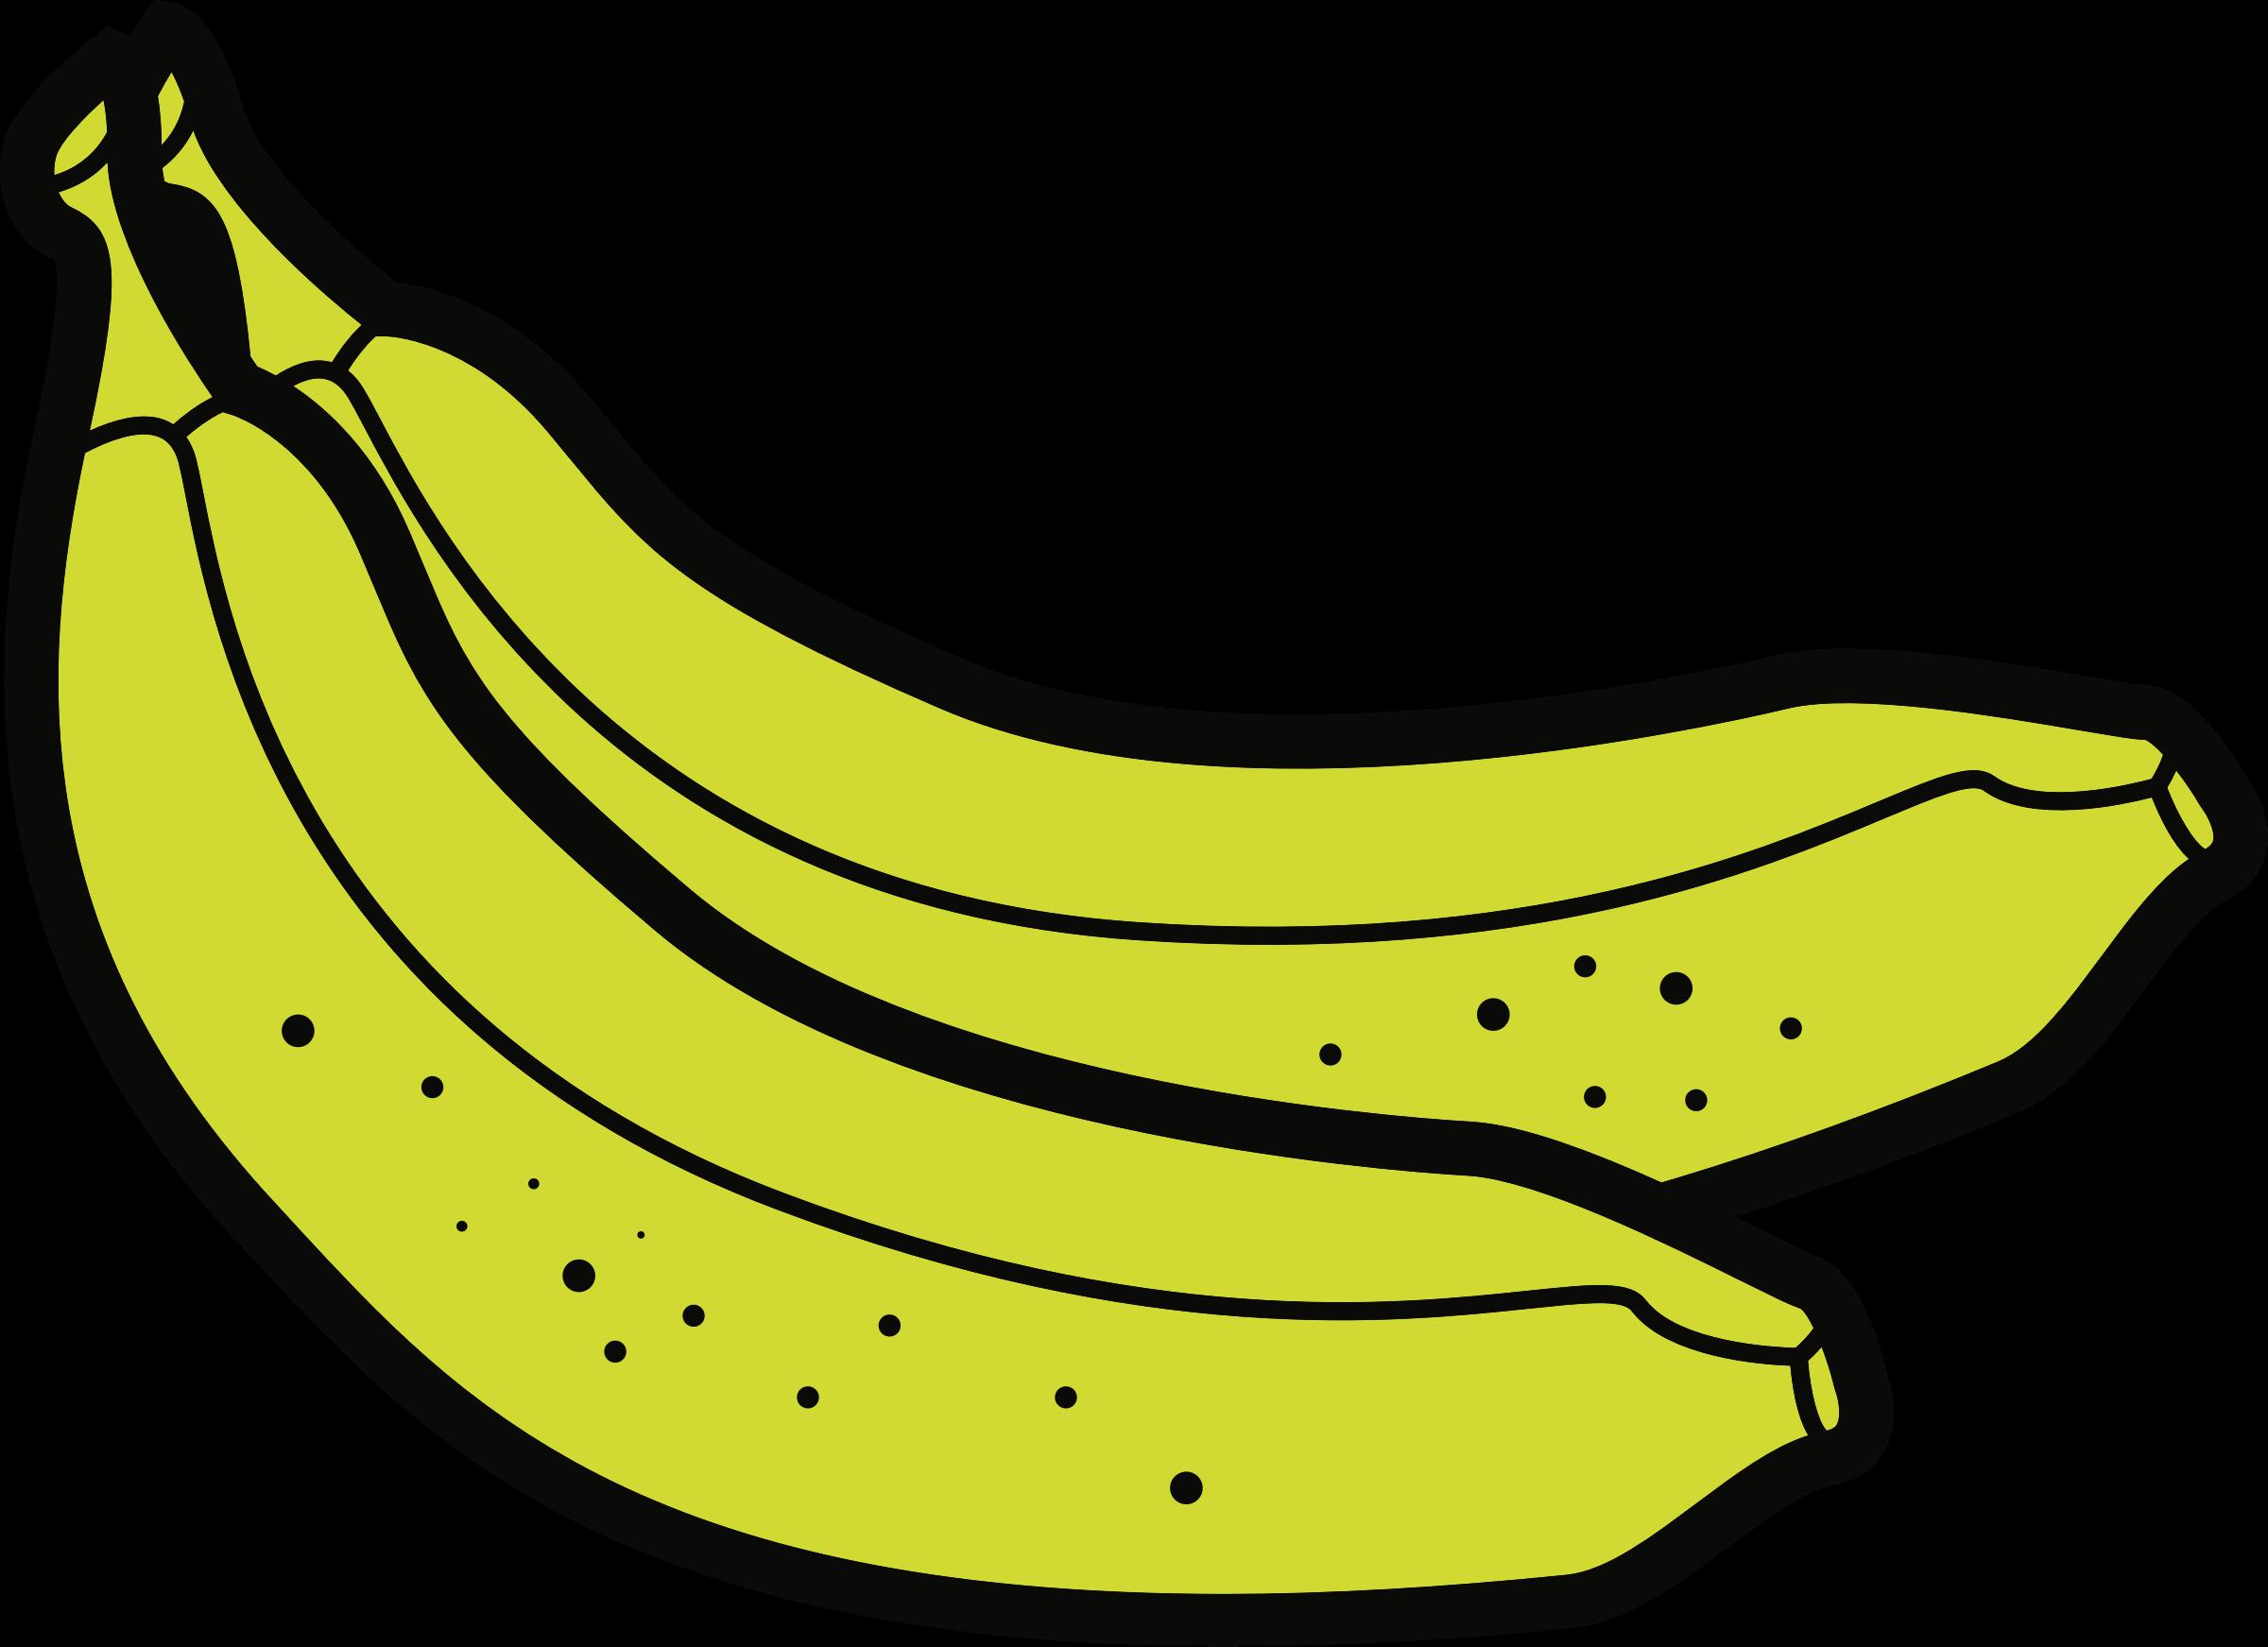 Bananas big image png. Clipart phone banana